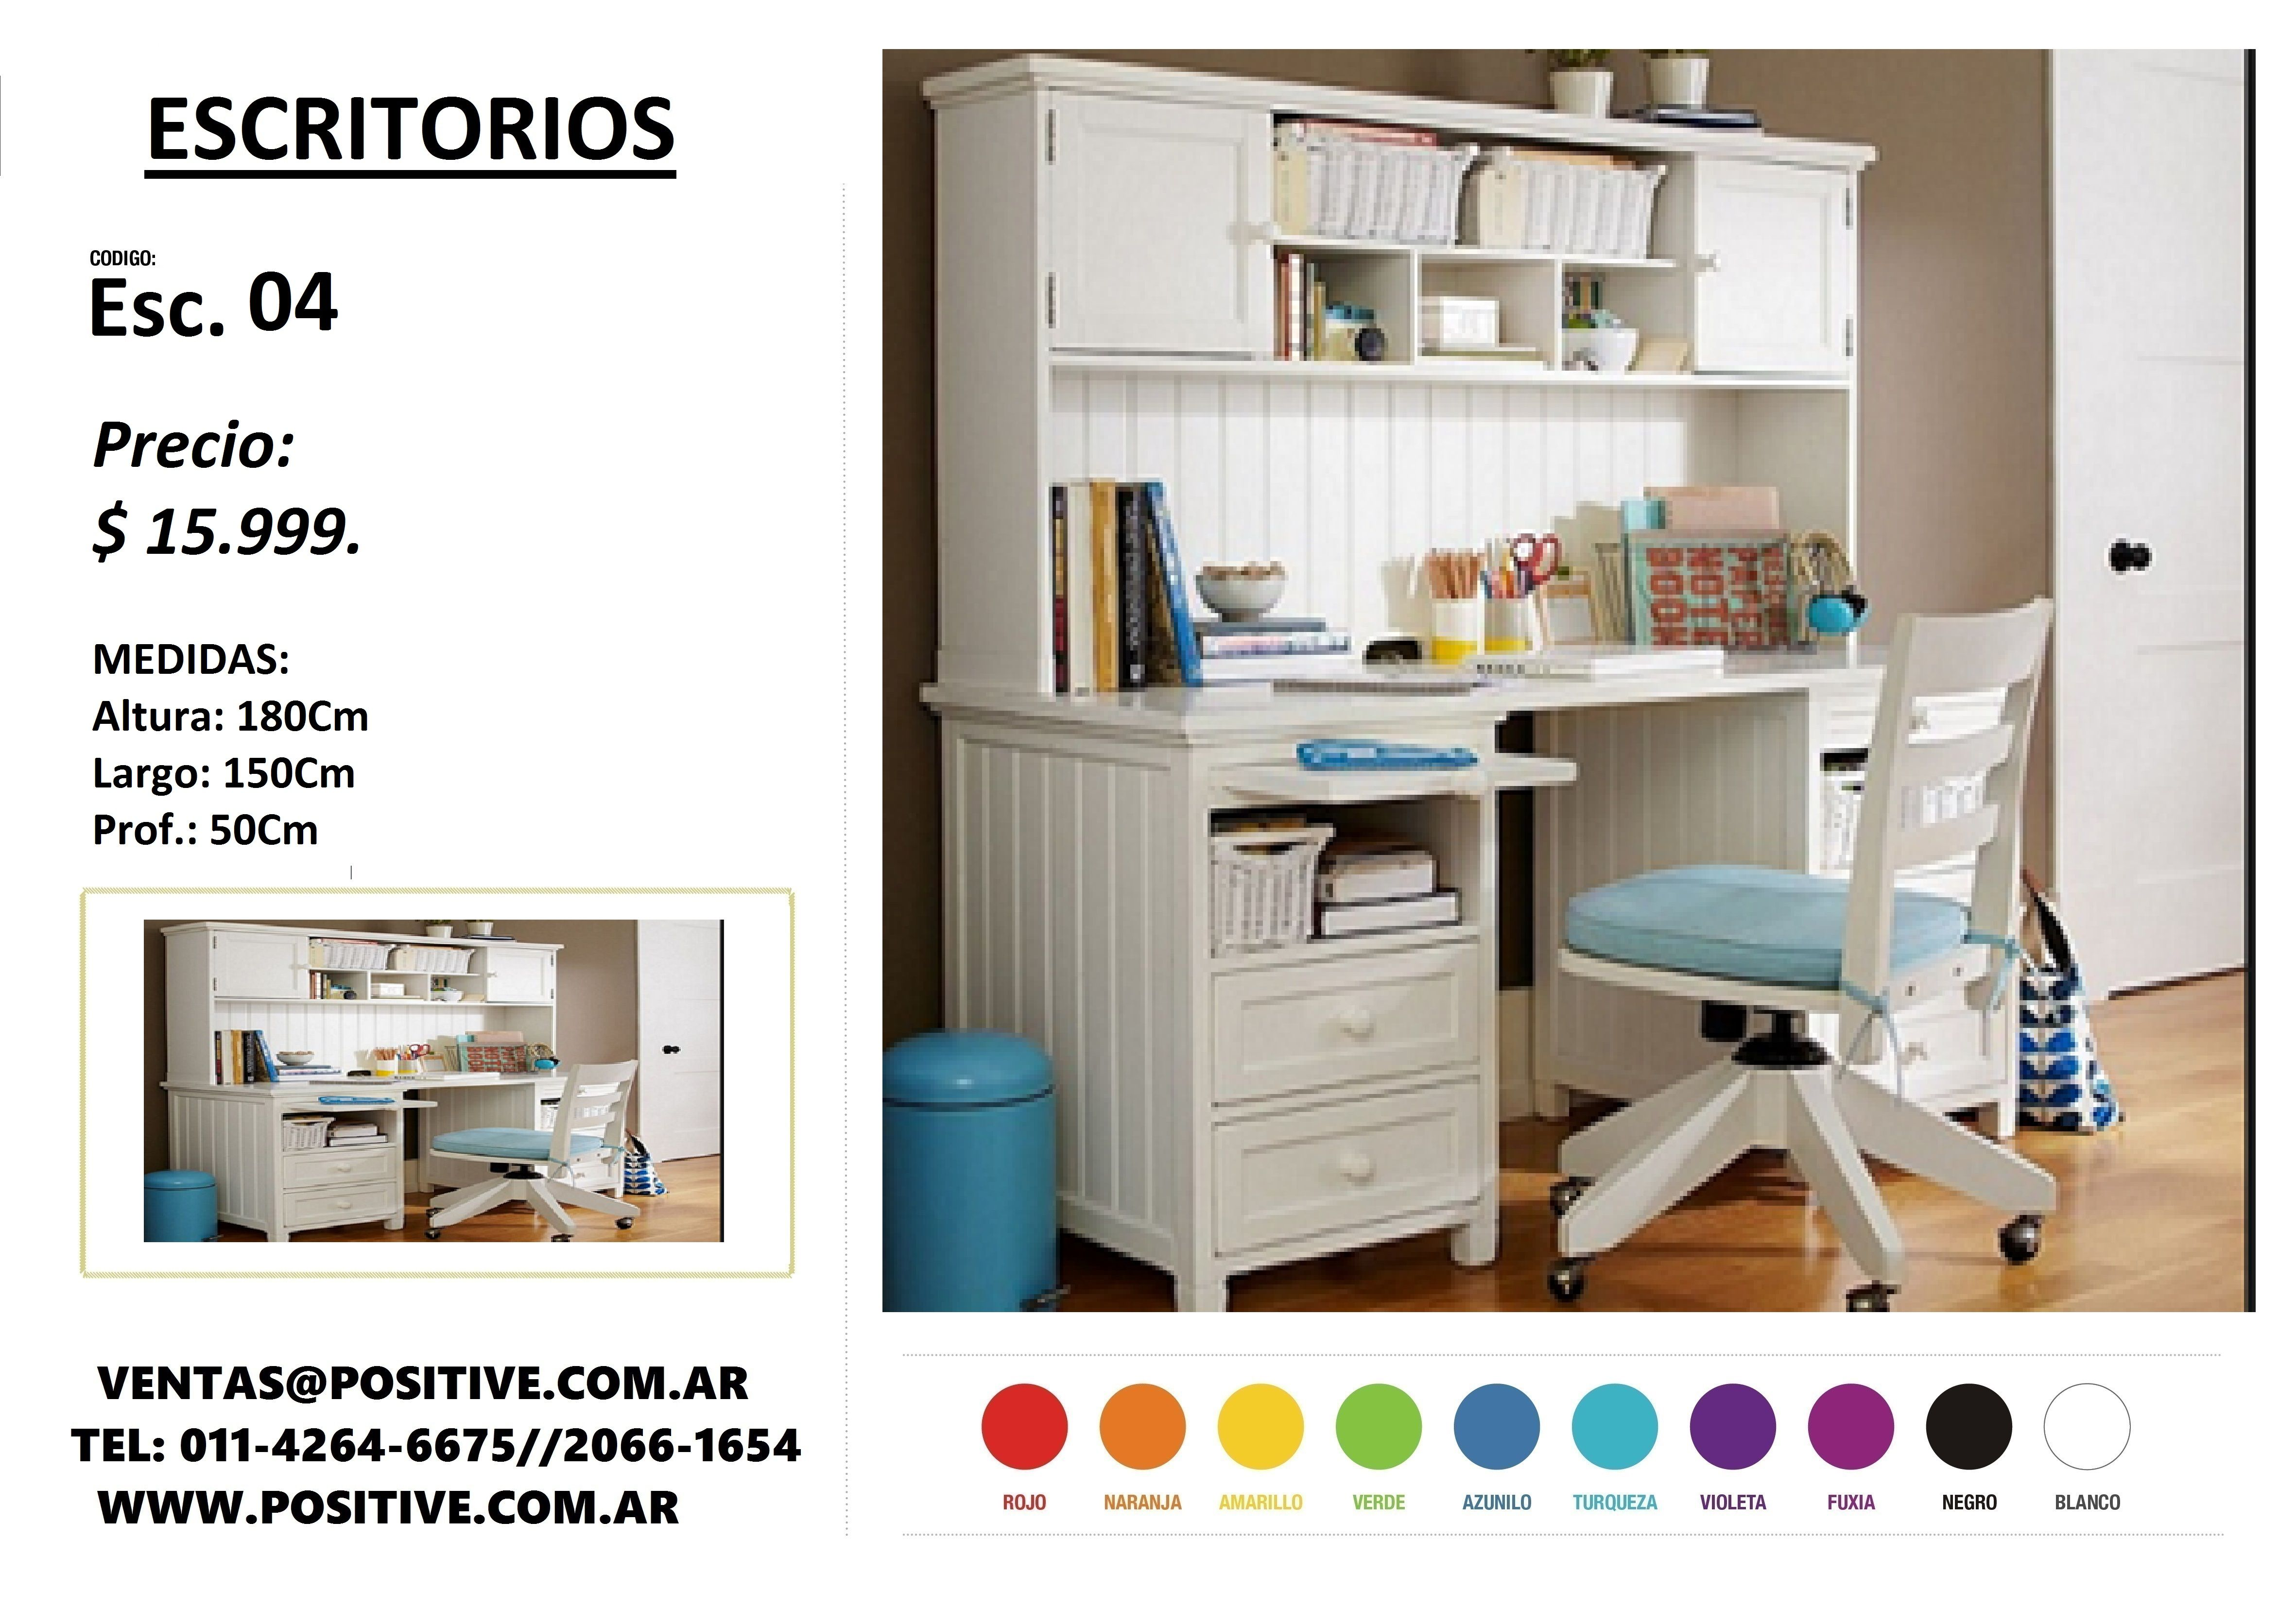 ¿Tenes twitter y facebook? Nosotros también.. https://twitter.com/PositiveVentas https://www.facebook.com/positive1709/ Consultas por INBOX Consultas por mail: ventas@positive.com.ar Tel: (011-4231–3507)(011-2066-1654)(Móvil.15-6112-8842) SHOWROOM. Capital Federal. PRÓXIMAMENTE Av. Belgrano 2788 SHOWROOM. Lomas de Zamora. Wrigth 50 ex. Aragón FABRICA. Lomas de Zamora. Wrigth 50 ex. Aragón Lunes a Sábado de 10 HS. a 20 HS.